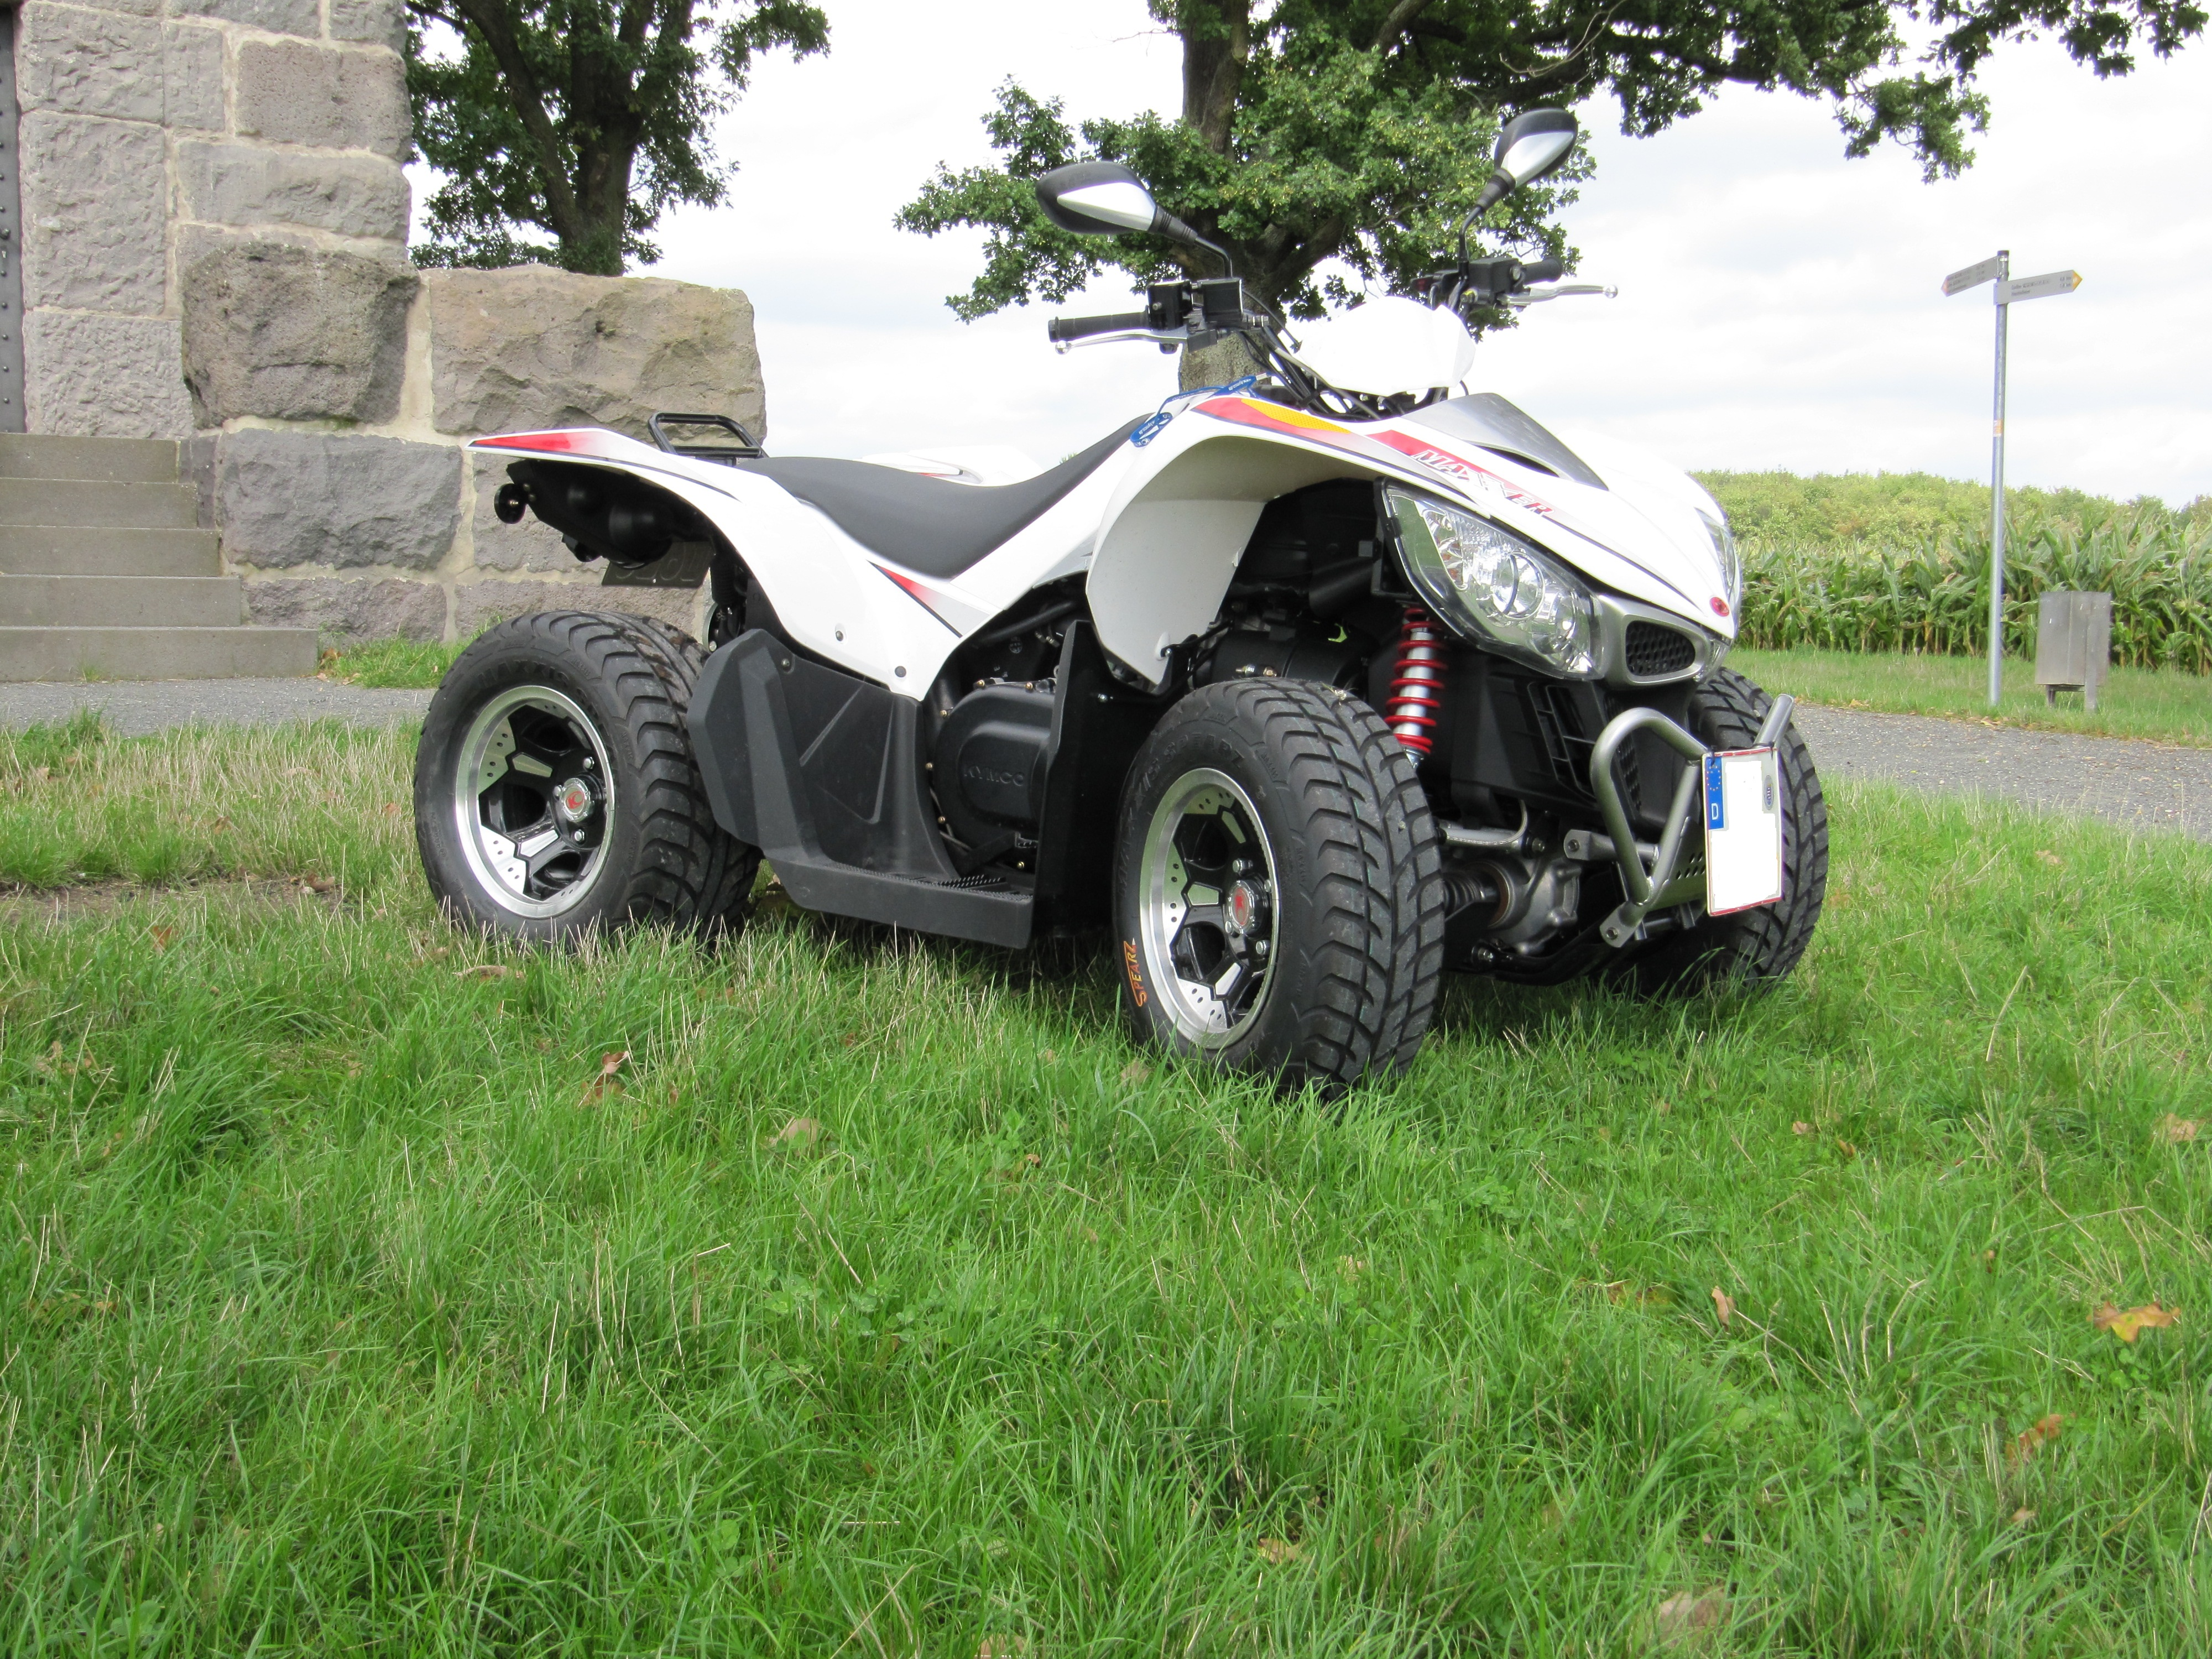 Kymco Maxxer 450i – Supermotoumbau